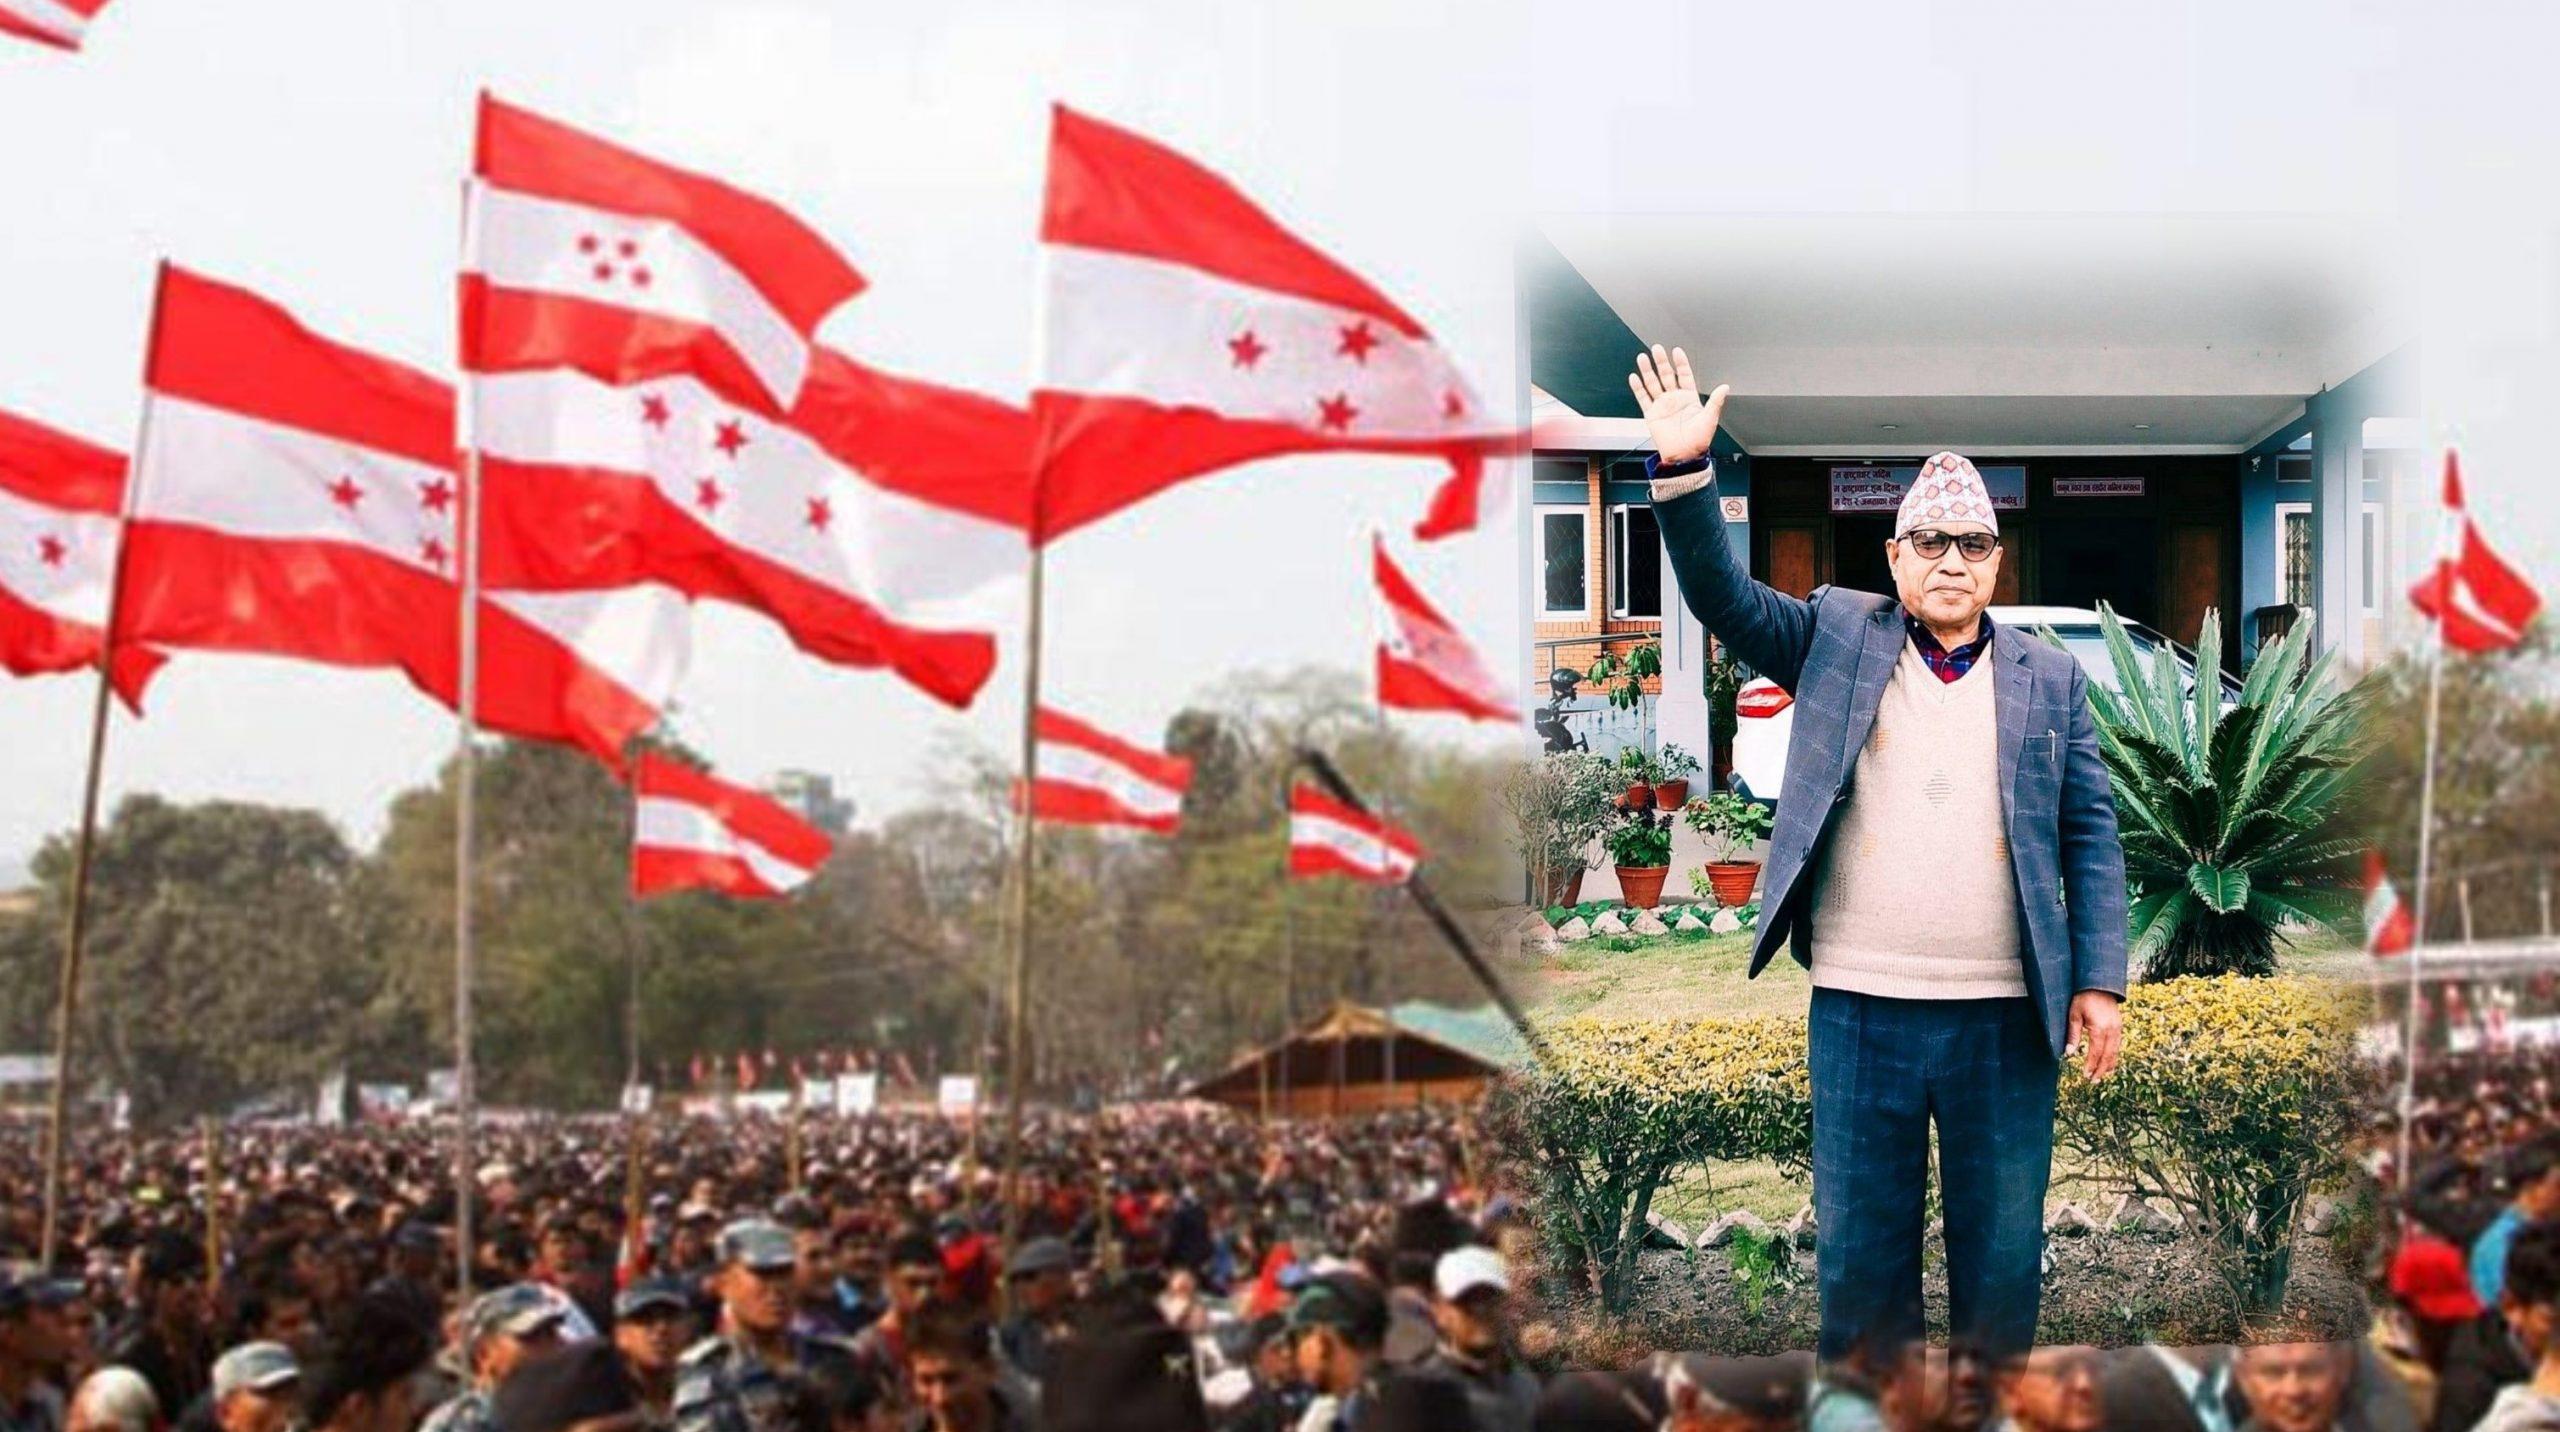 फर्जी क्रियाशील थपिएपछि बाजुरा कांग्रेसका नेता काठमाडौँमा